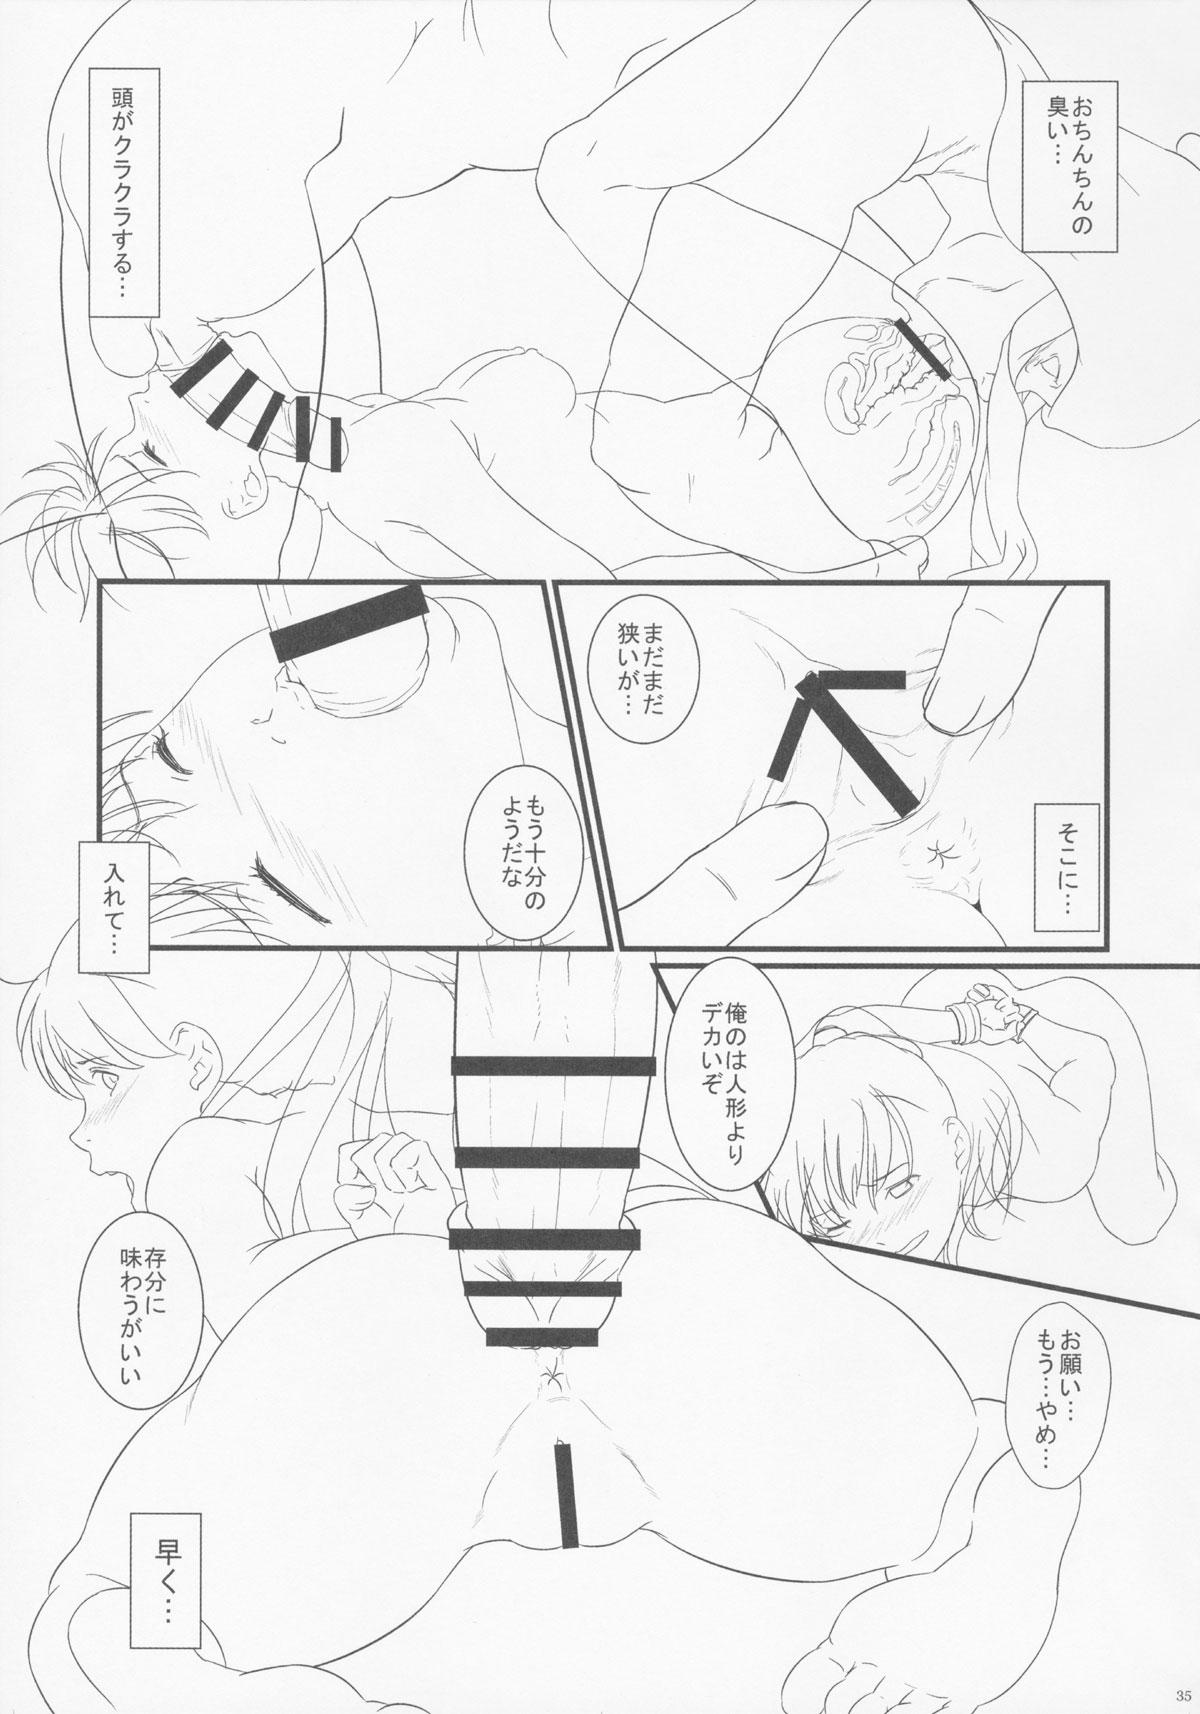 お姉ちゃんの裸みてみたいなぁwぬぎぬぎしようね~wやっダメっ!!あ~ん・・・ママ助けて!!【エロ漫画・エロ同人】 (34)